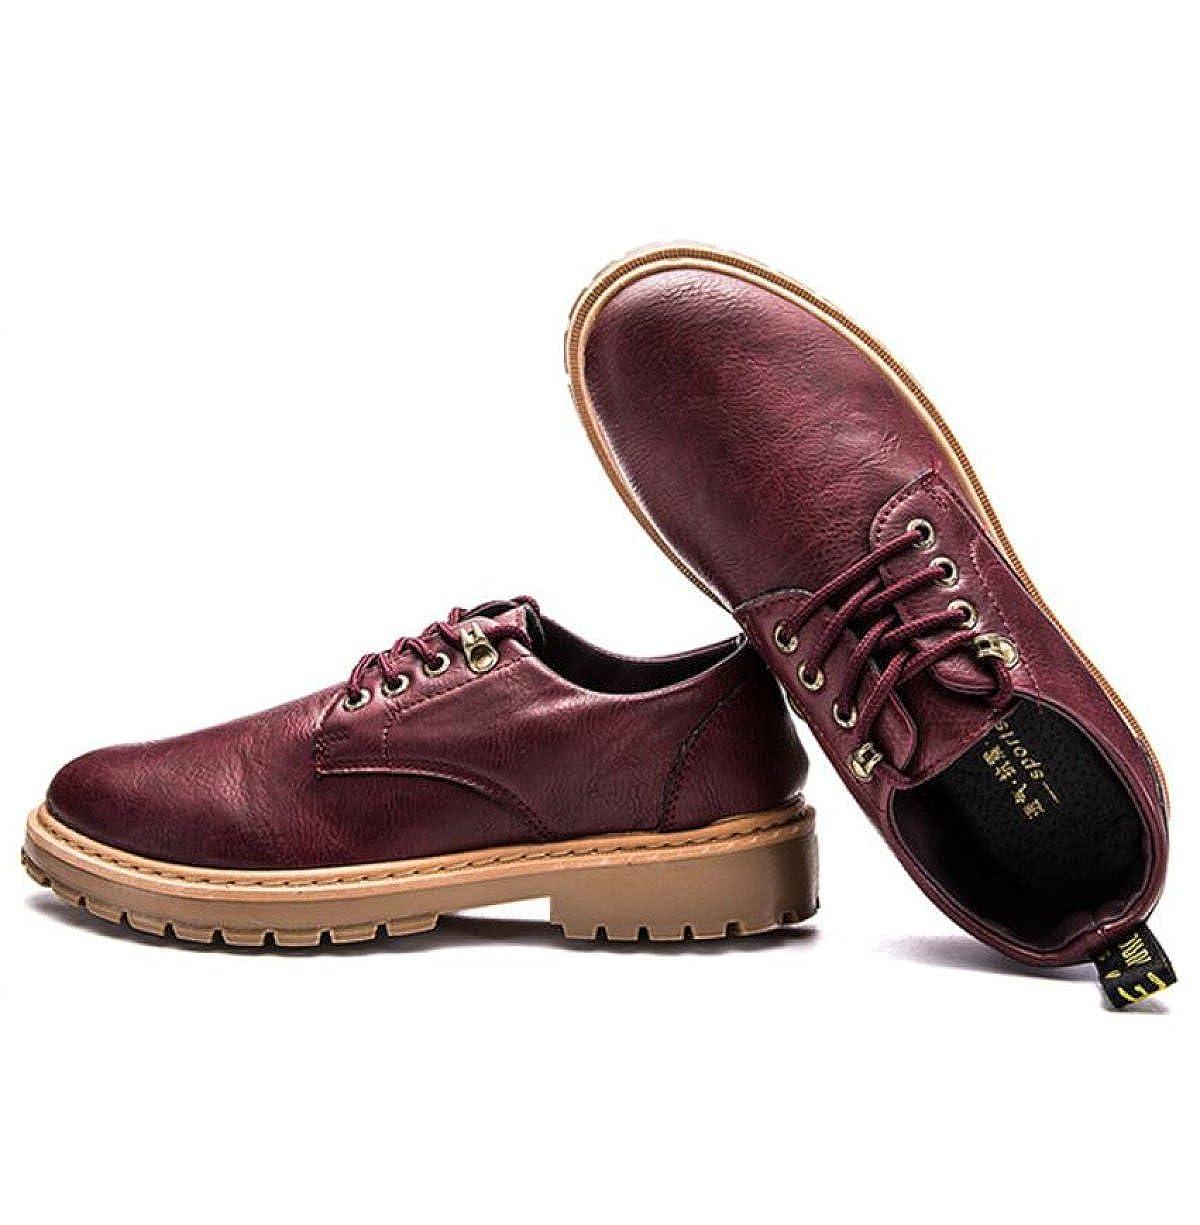 Männer Lässig Martin Stiefel Niedrige Hilfe Stiefel Schuhe Werkzeug Dicken Boden Herbst Retro Werkzeug Schuhe Herrenschuhe ROT 1f4ccc